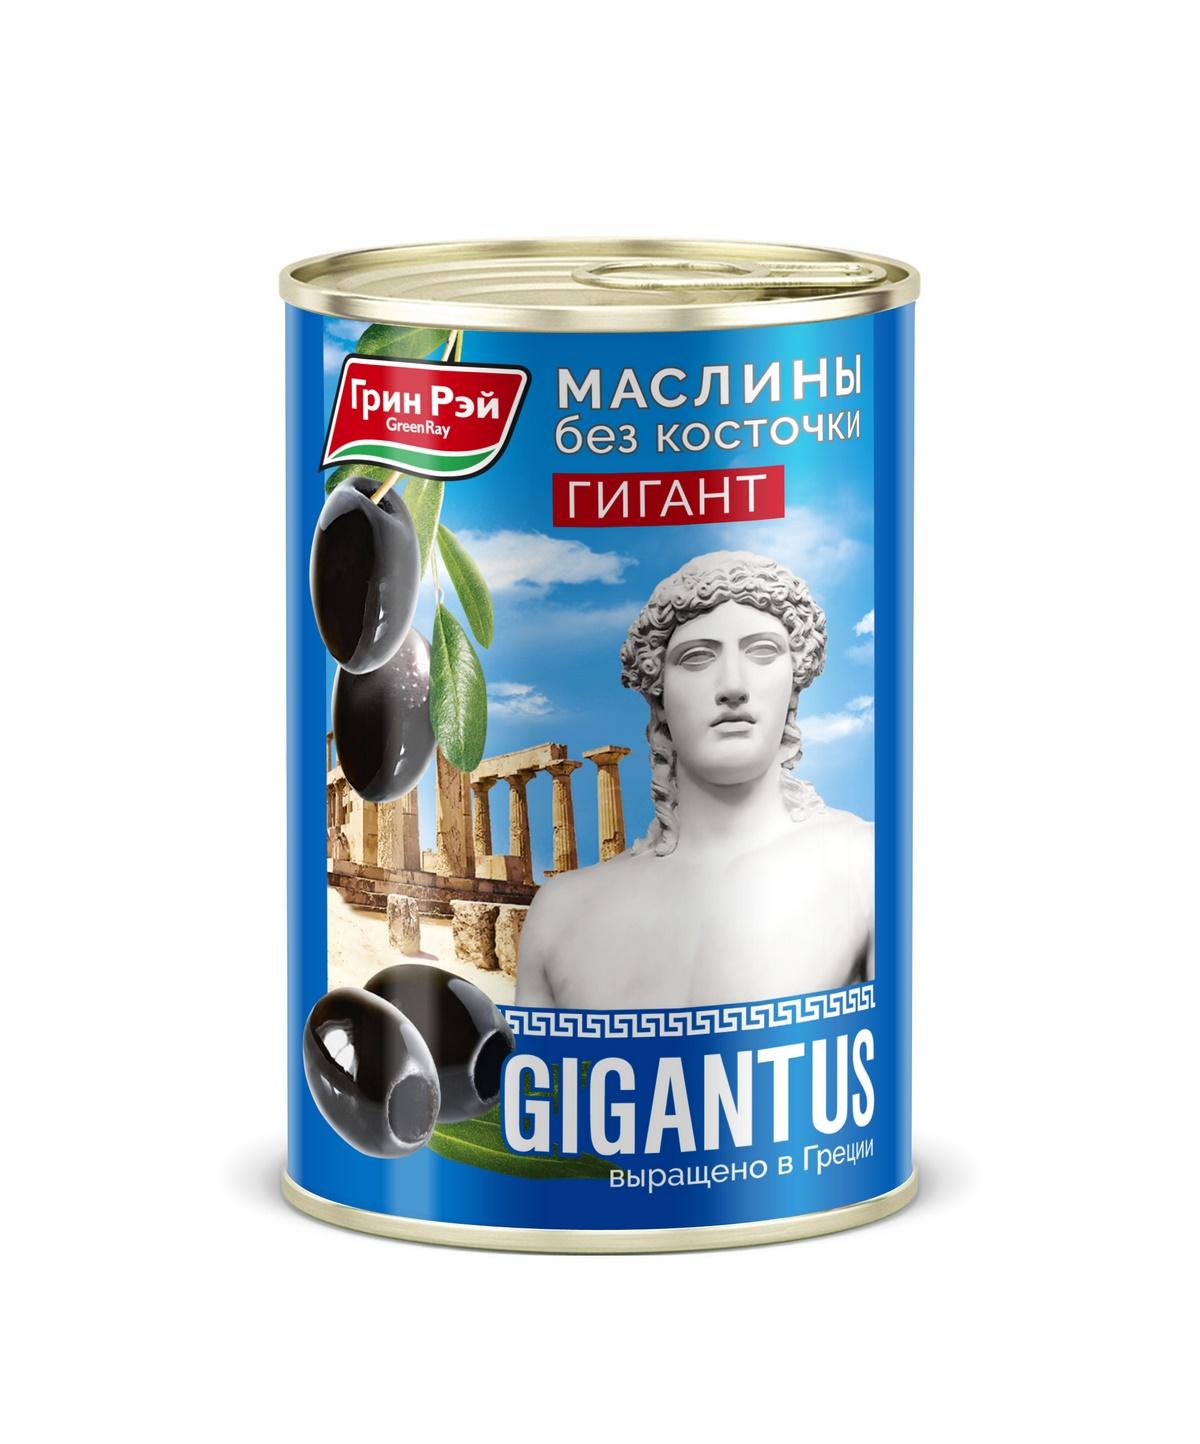 БЕЗ БРЭНДА Маслины гигантские без косточки Грин Рэй недорого